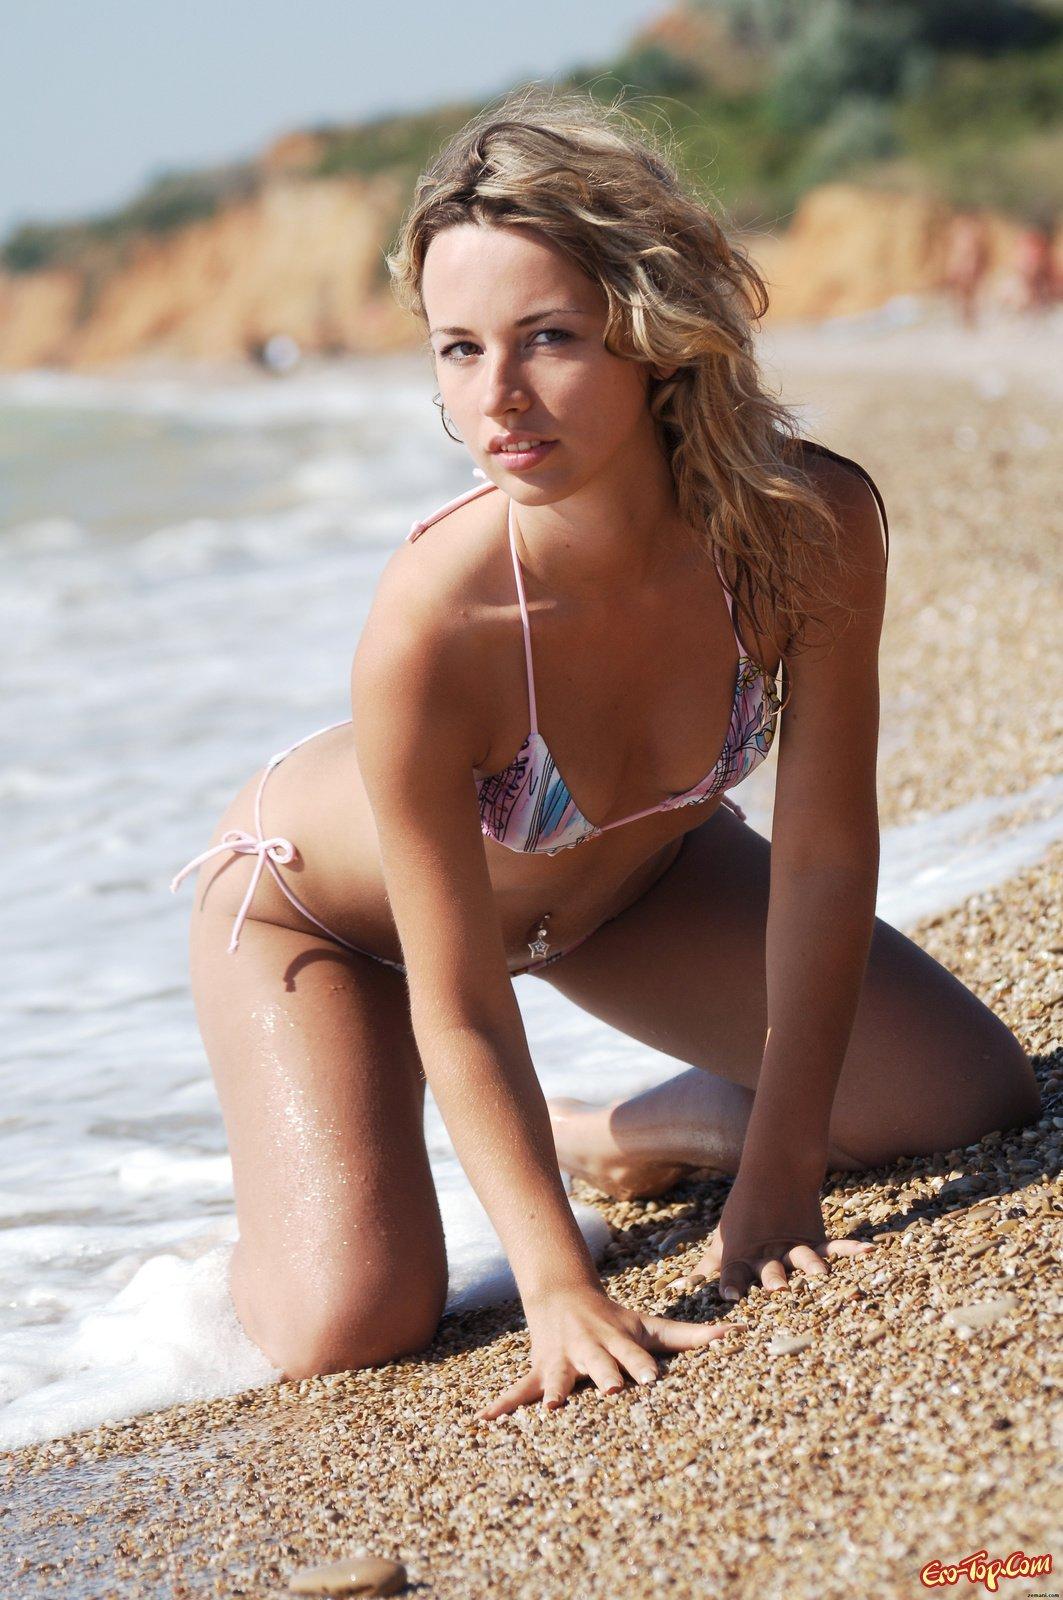 Нудистка на берегу моря